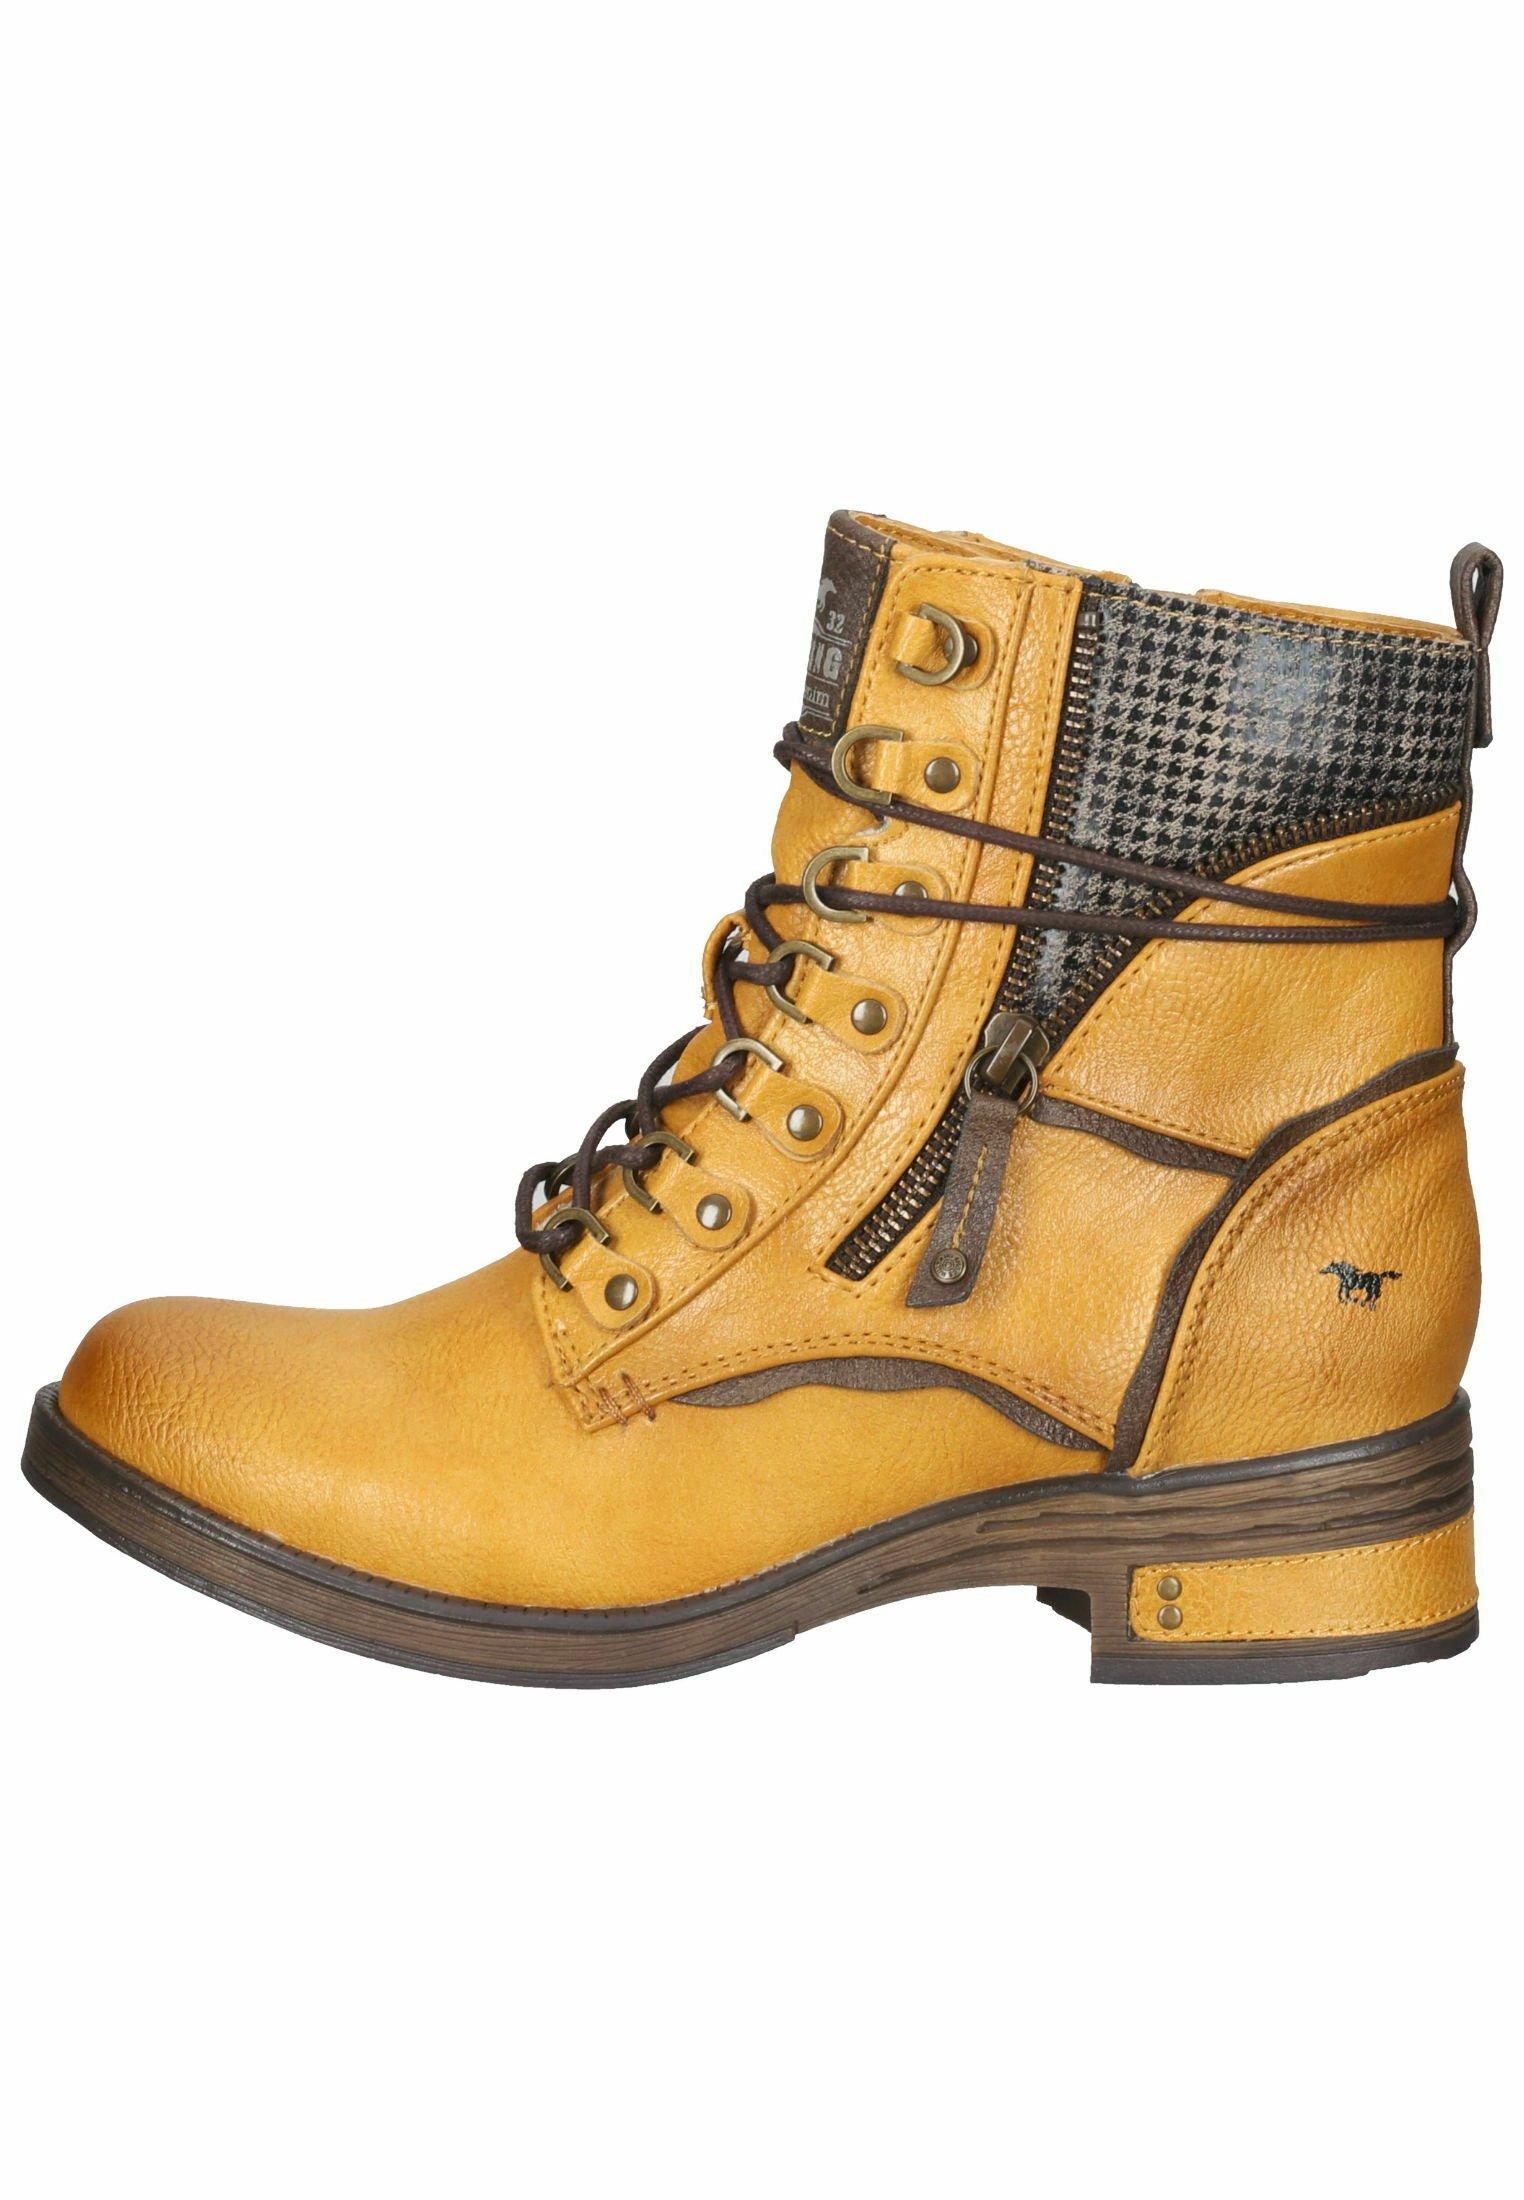 Damen Schnürstiefelette - gelb